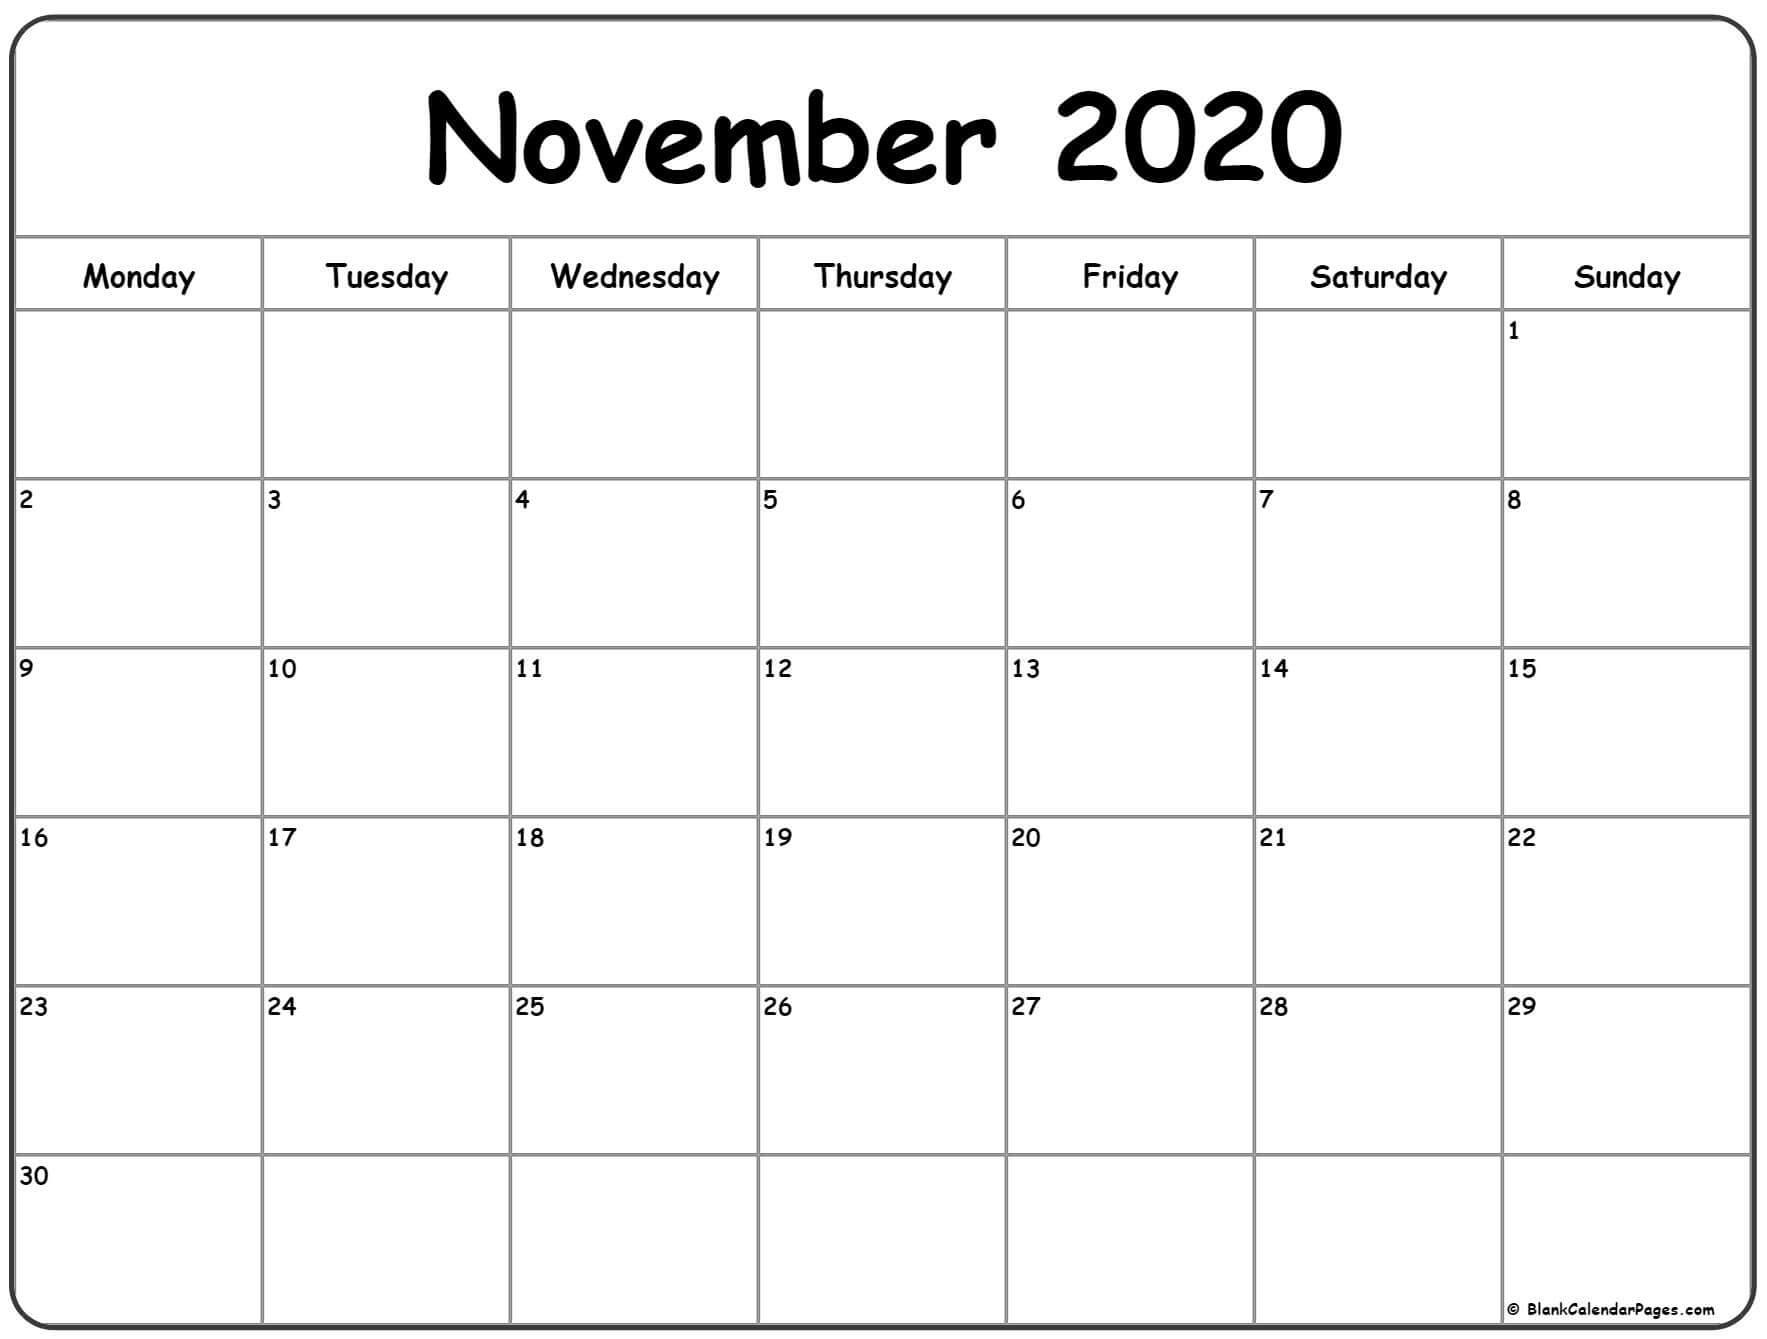 Druckbare Vorlage für den November kalender 2020